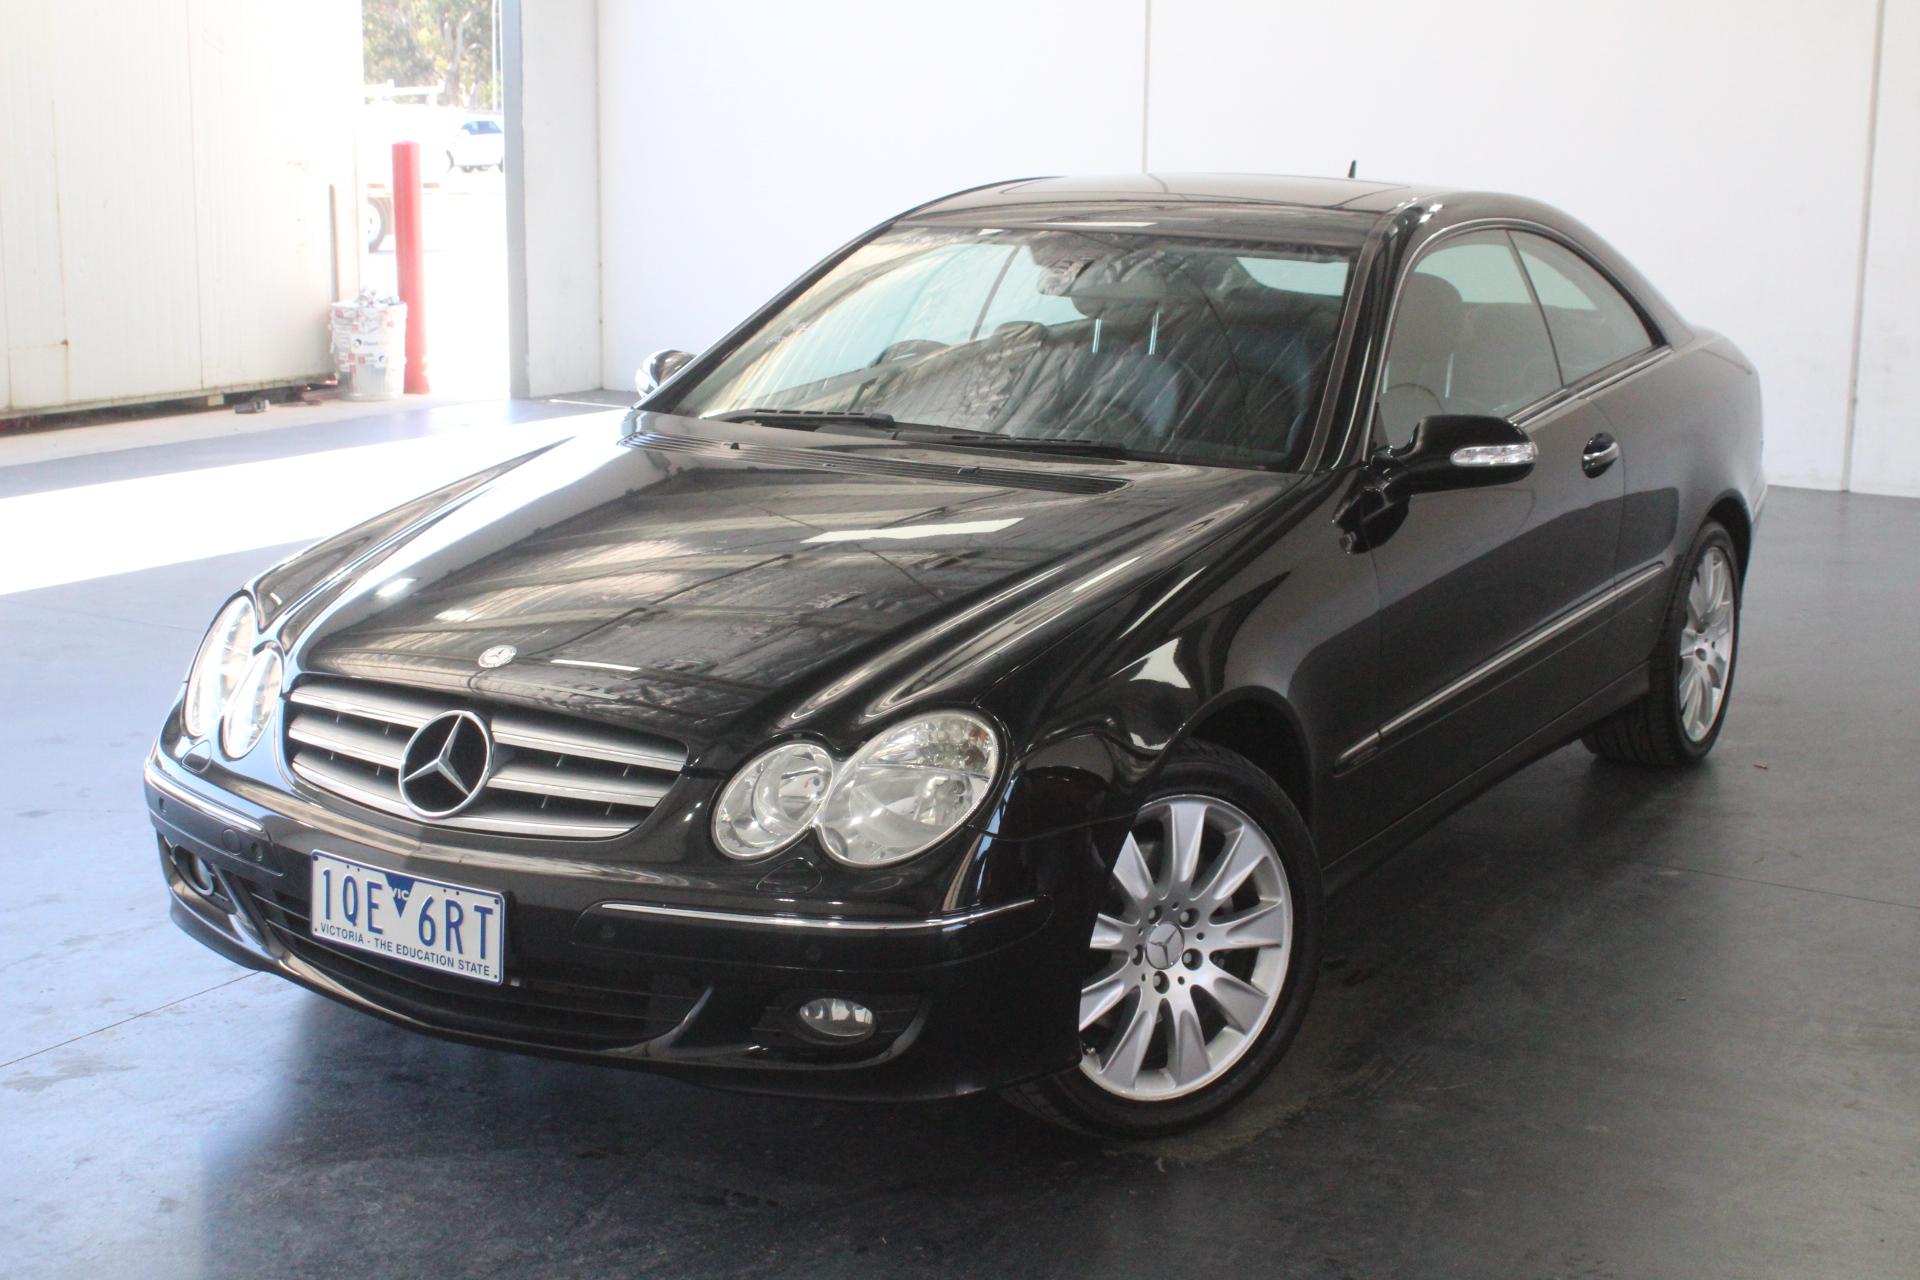 2008 Mercedes Benz CLK350 Elegance C209 Automatic Coupe